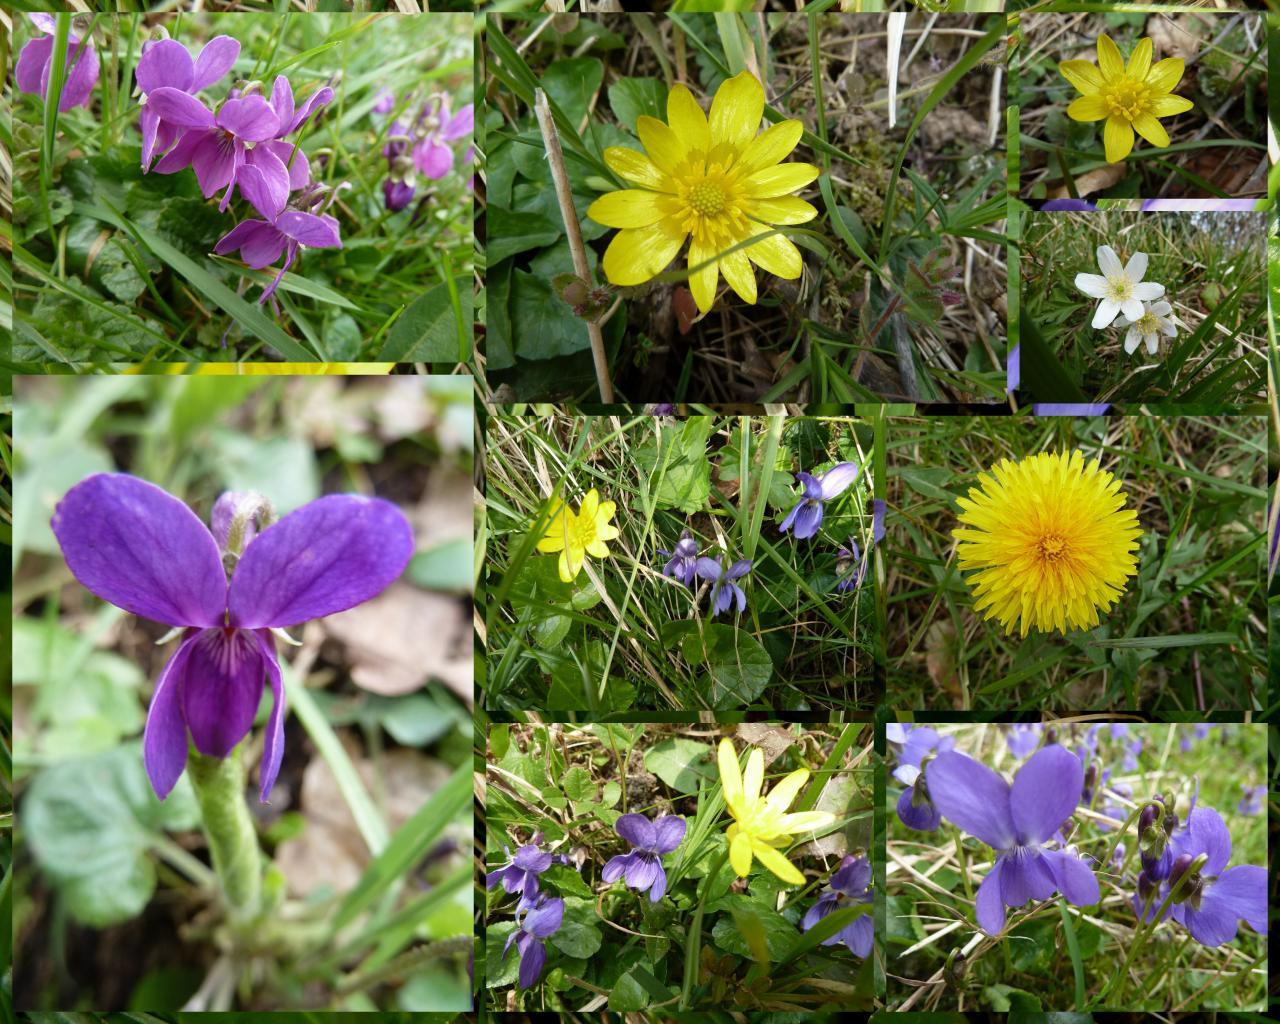 Eulita en normandie les couleurs du printemps - Couleur du printemps ...